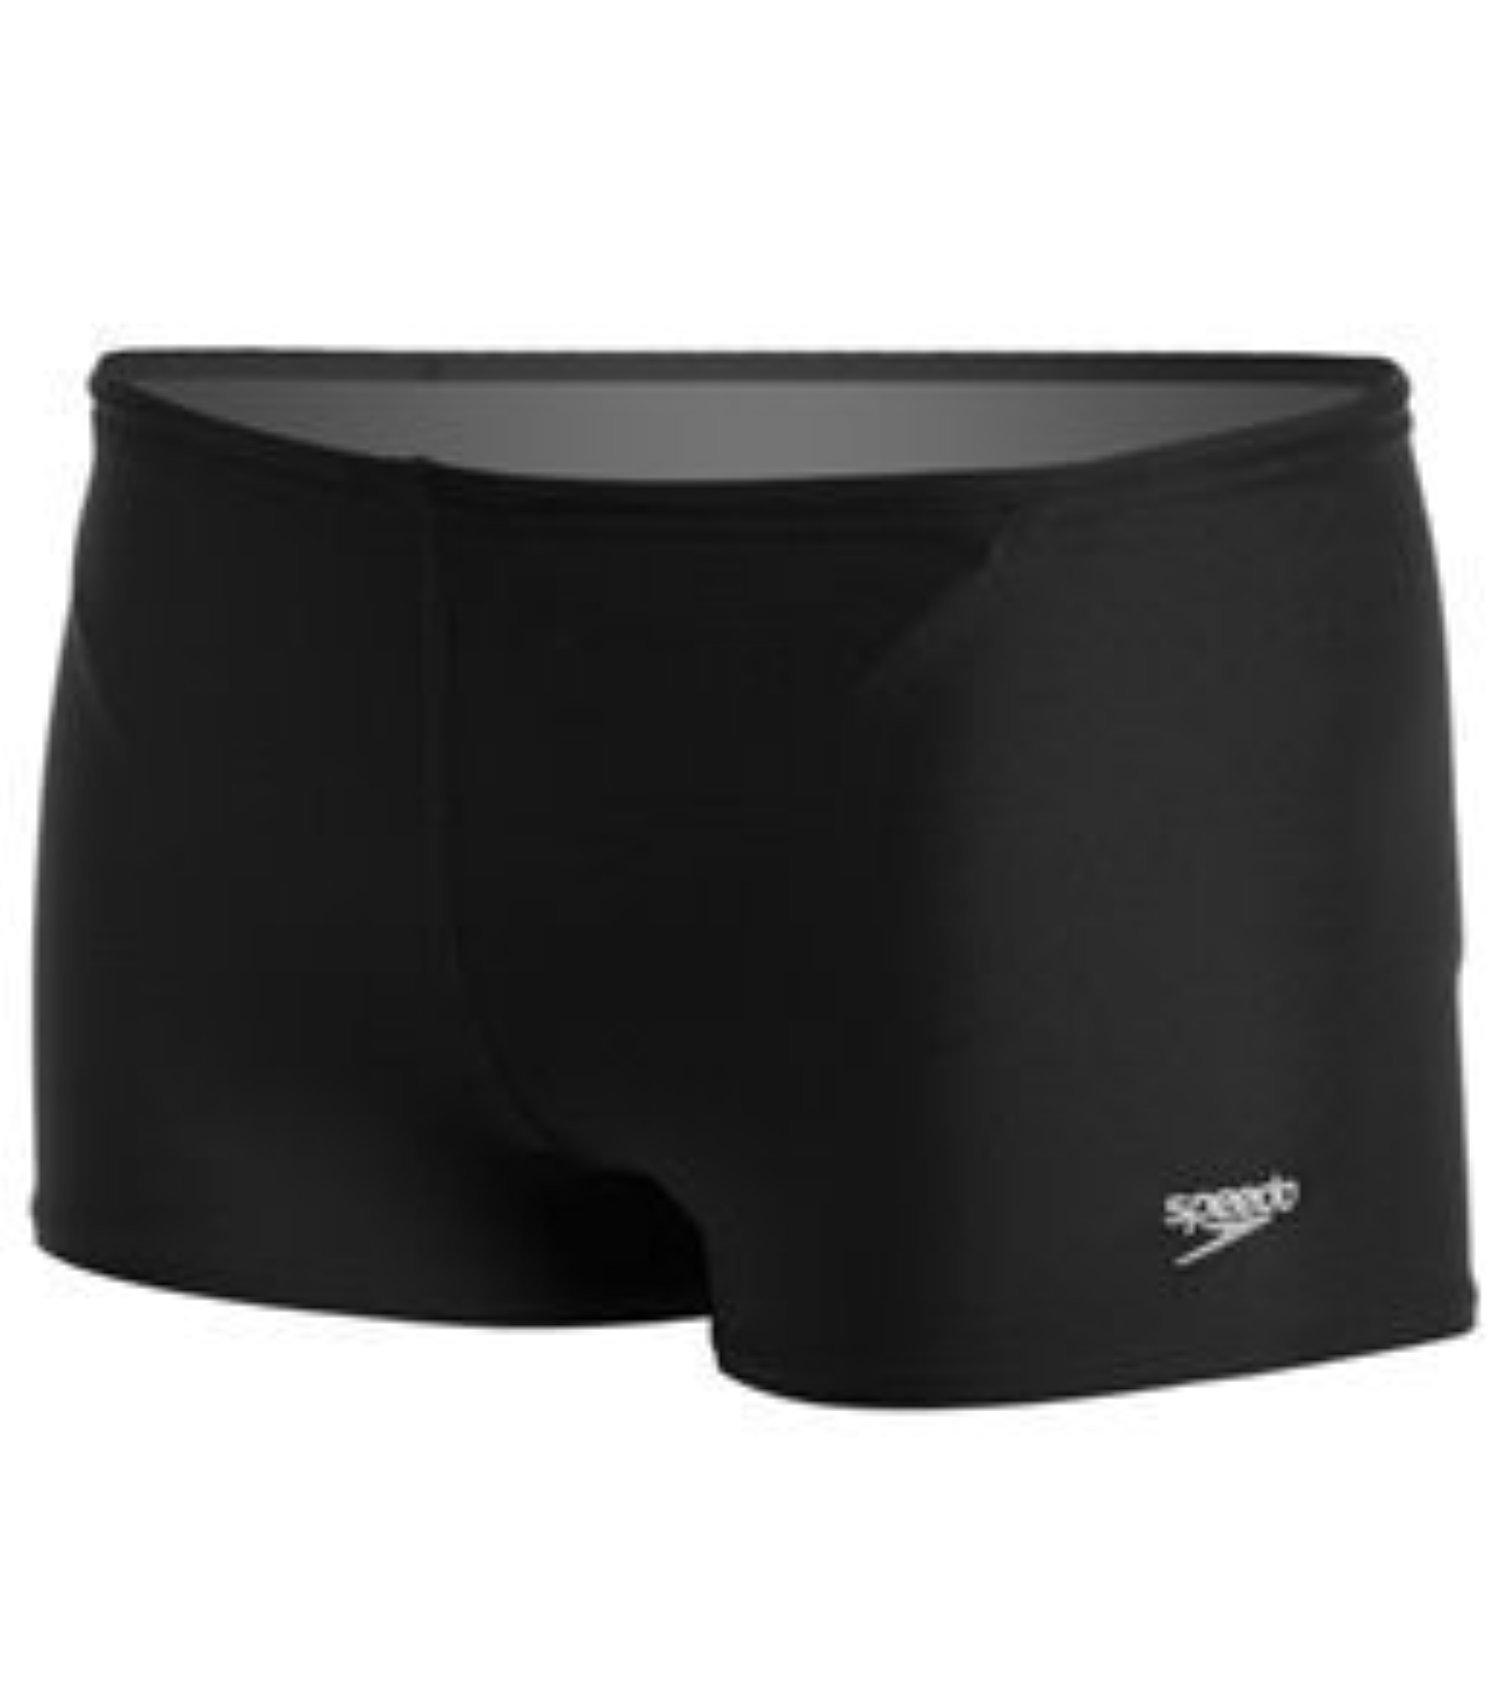 Speedo Men's Solid Square Leg - Speedo Endurance+ Speedo Black 32 & Sunlotion